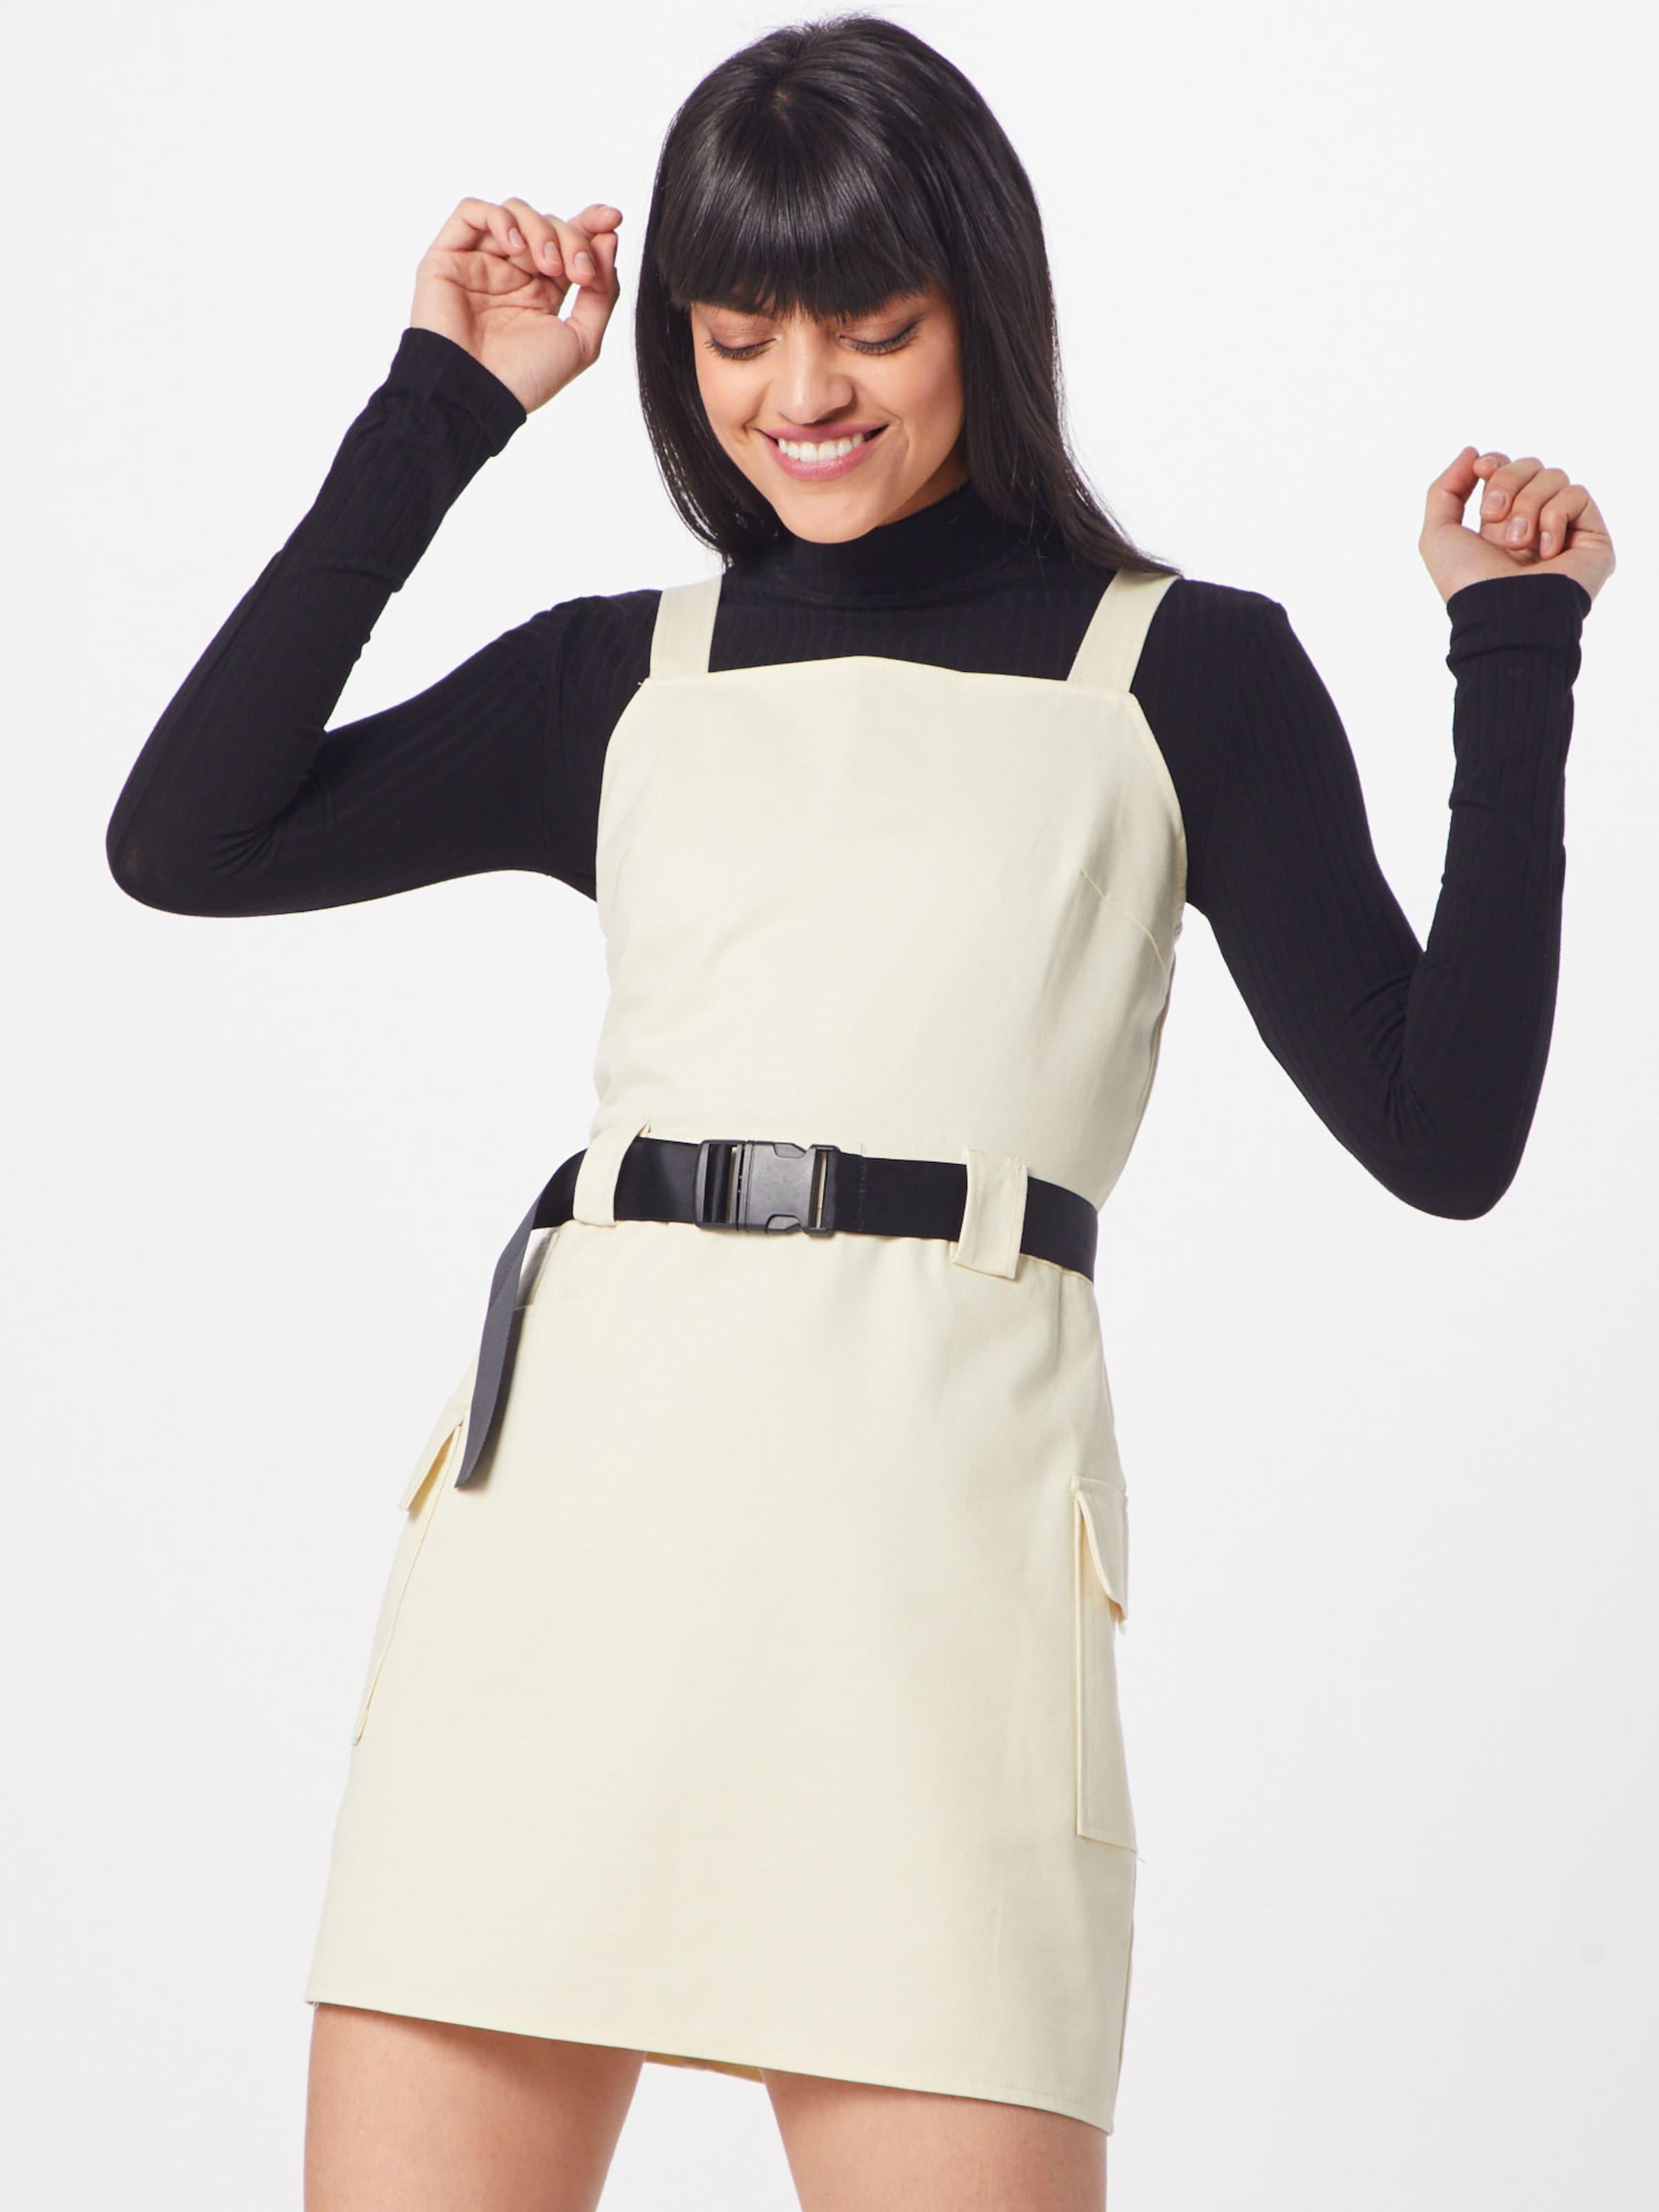 Kleid Missguided Kleid Kleid In Missguided In In CremeSchwarz CremeSchwarz Missguided doxrBeC